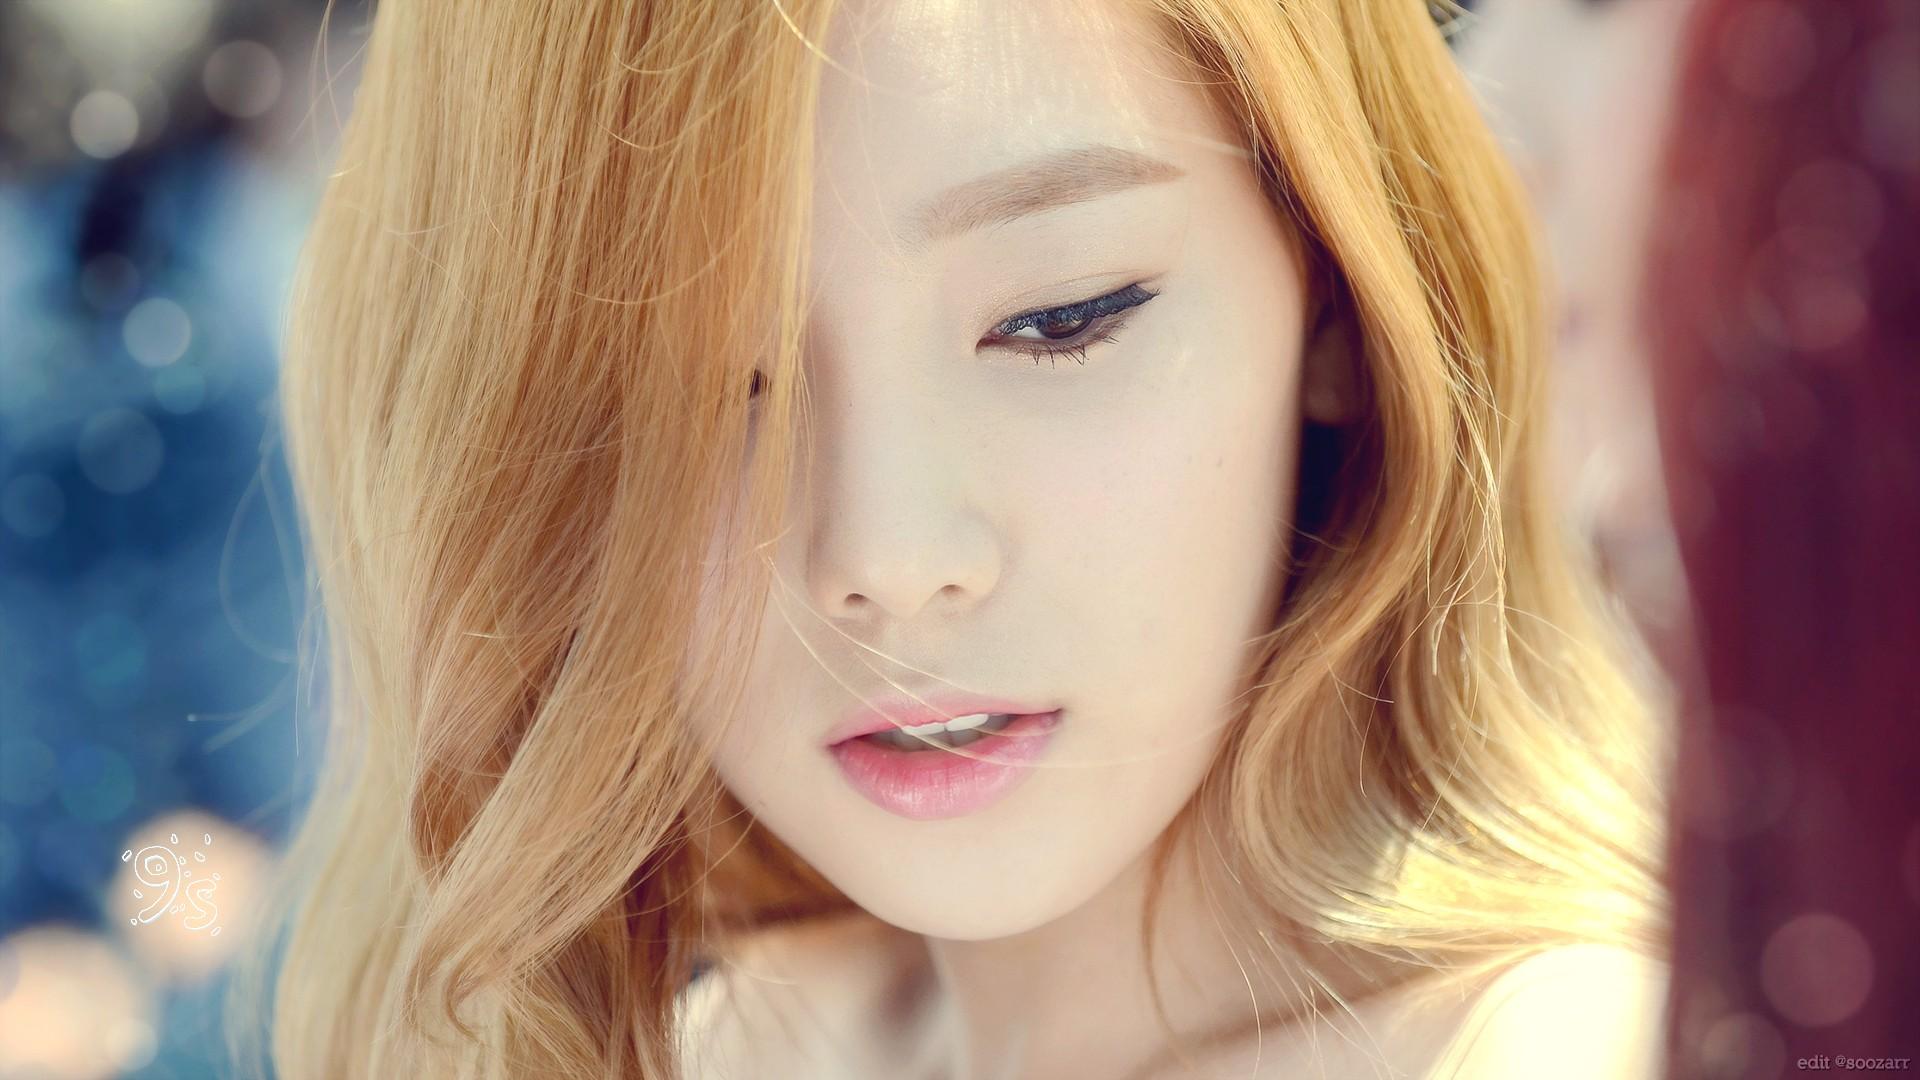 мимо проходят фото азиаток со светлыми волосами подобраны